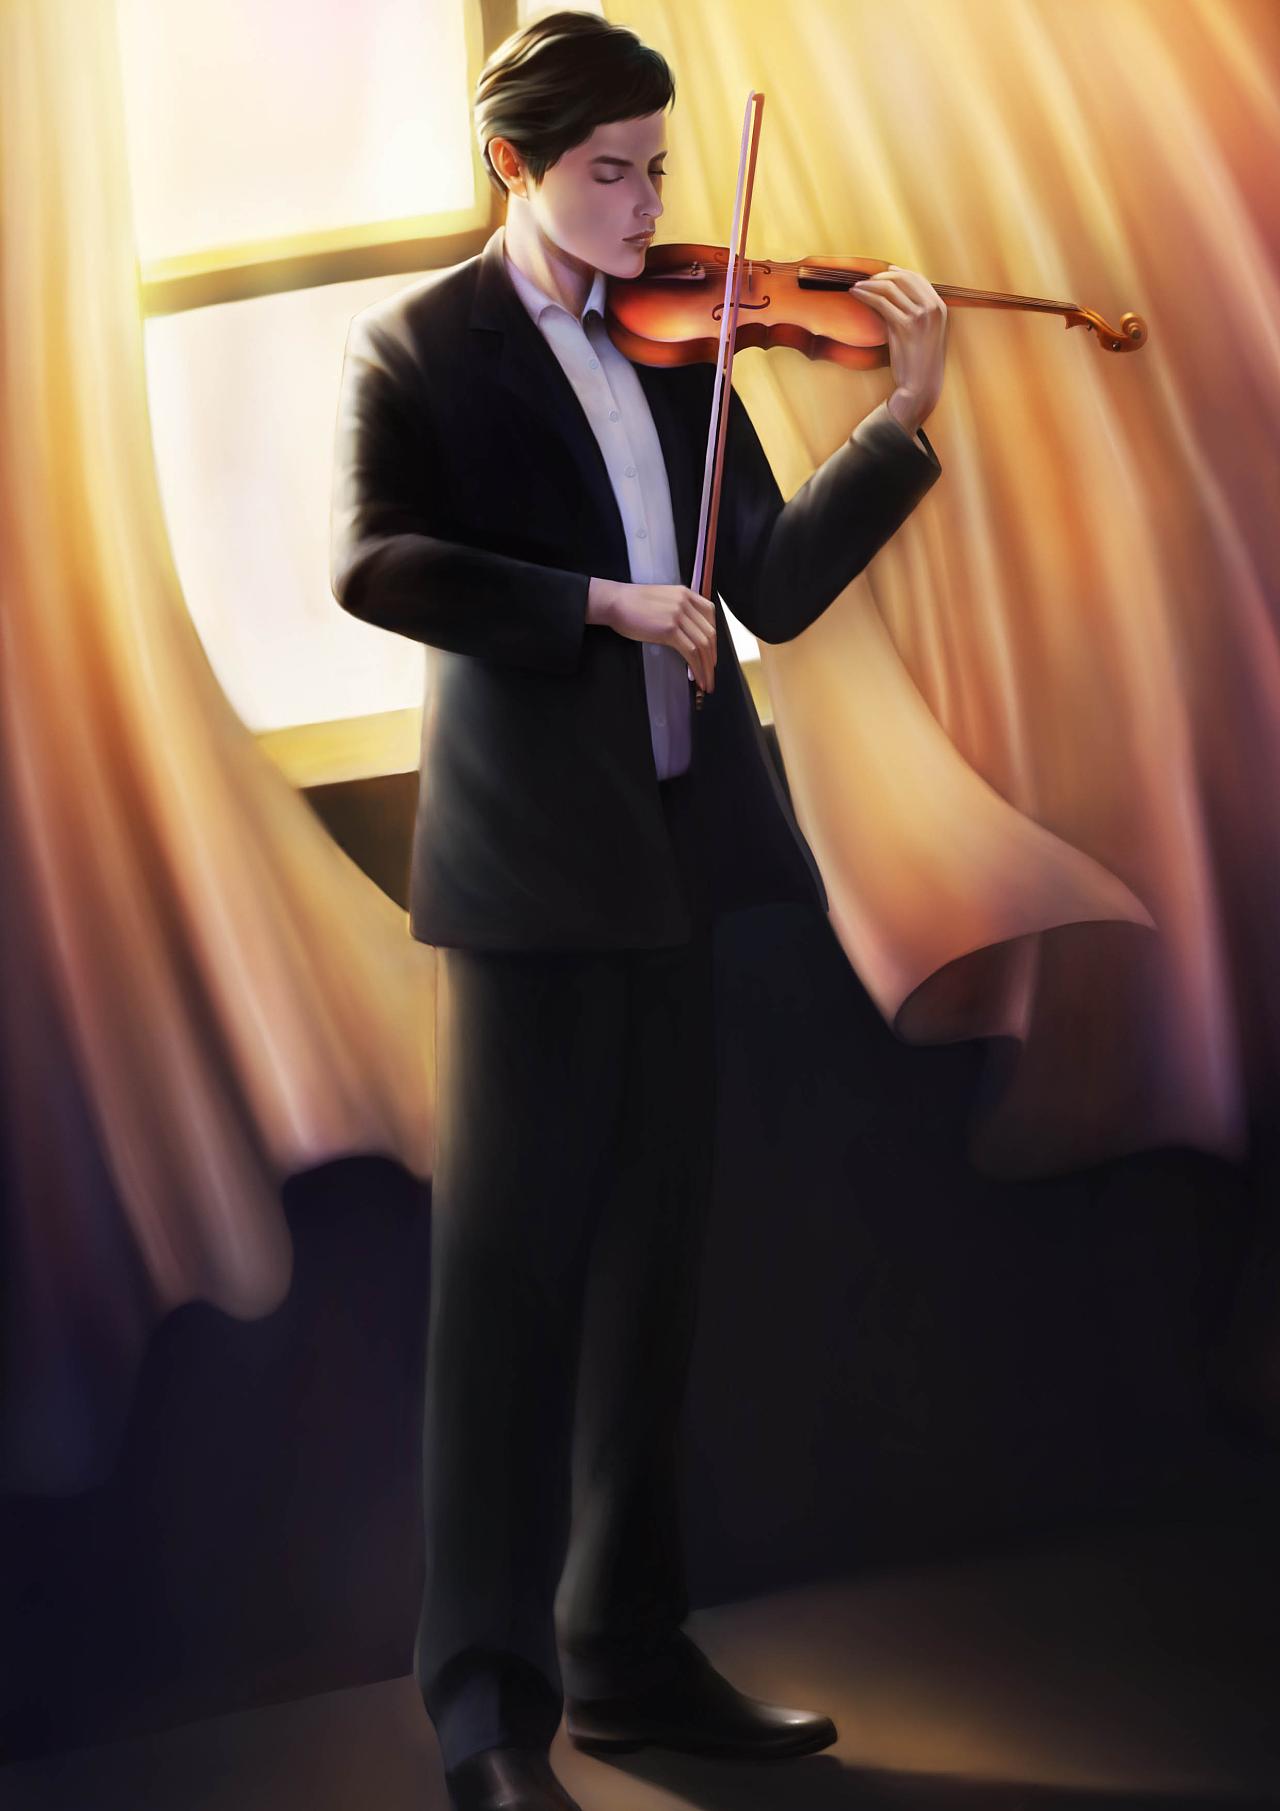 拉小提琴哒